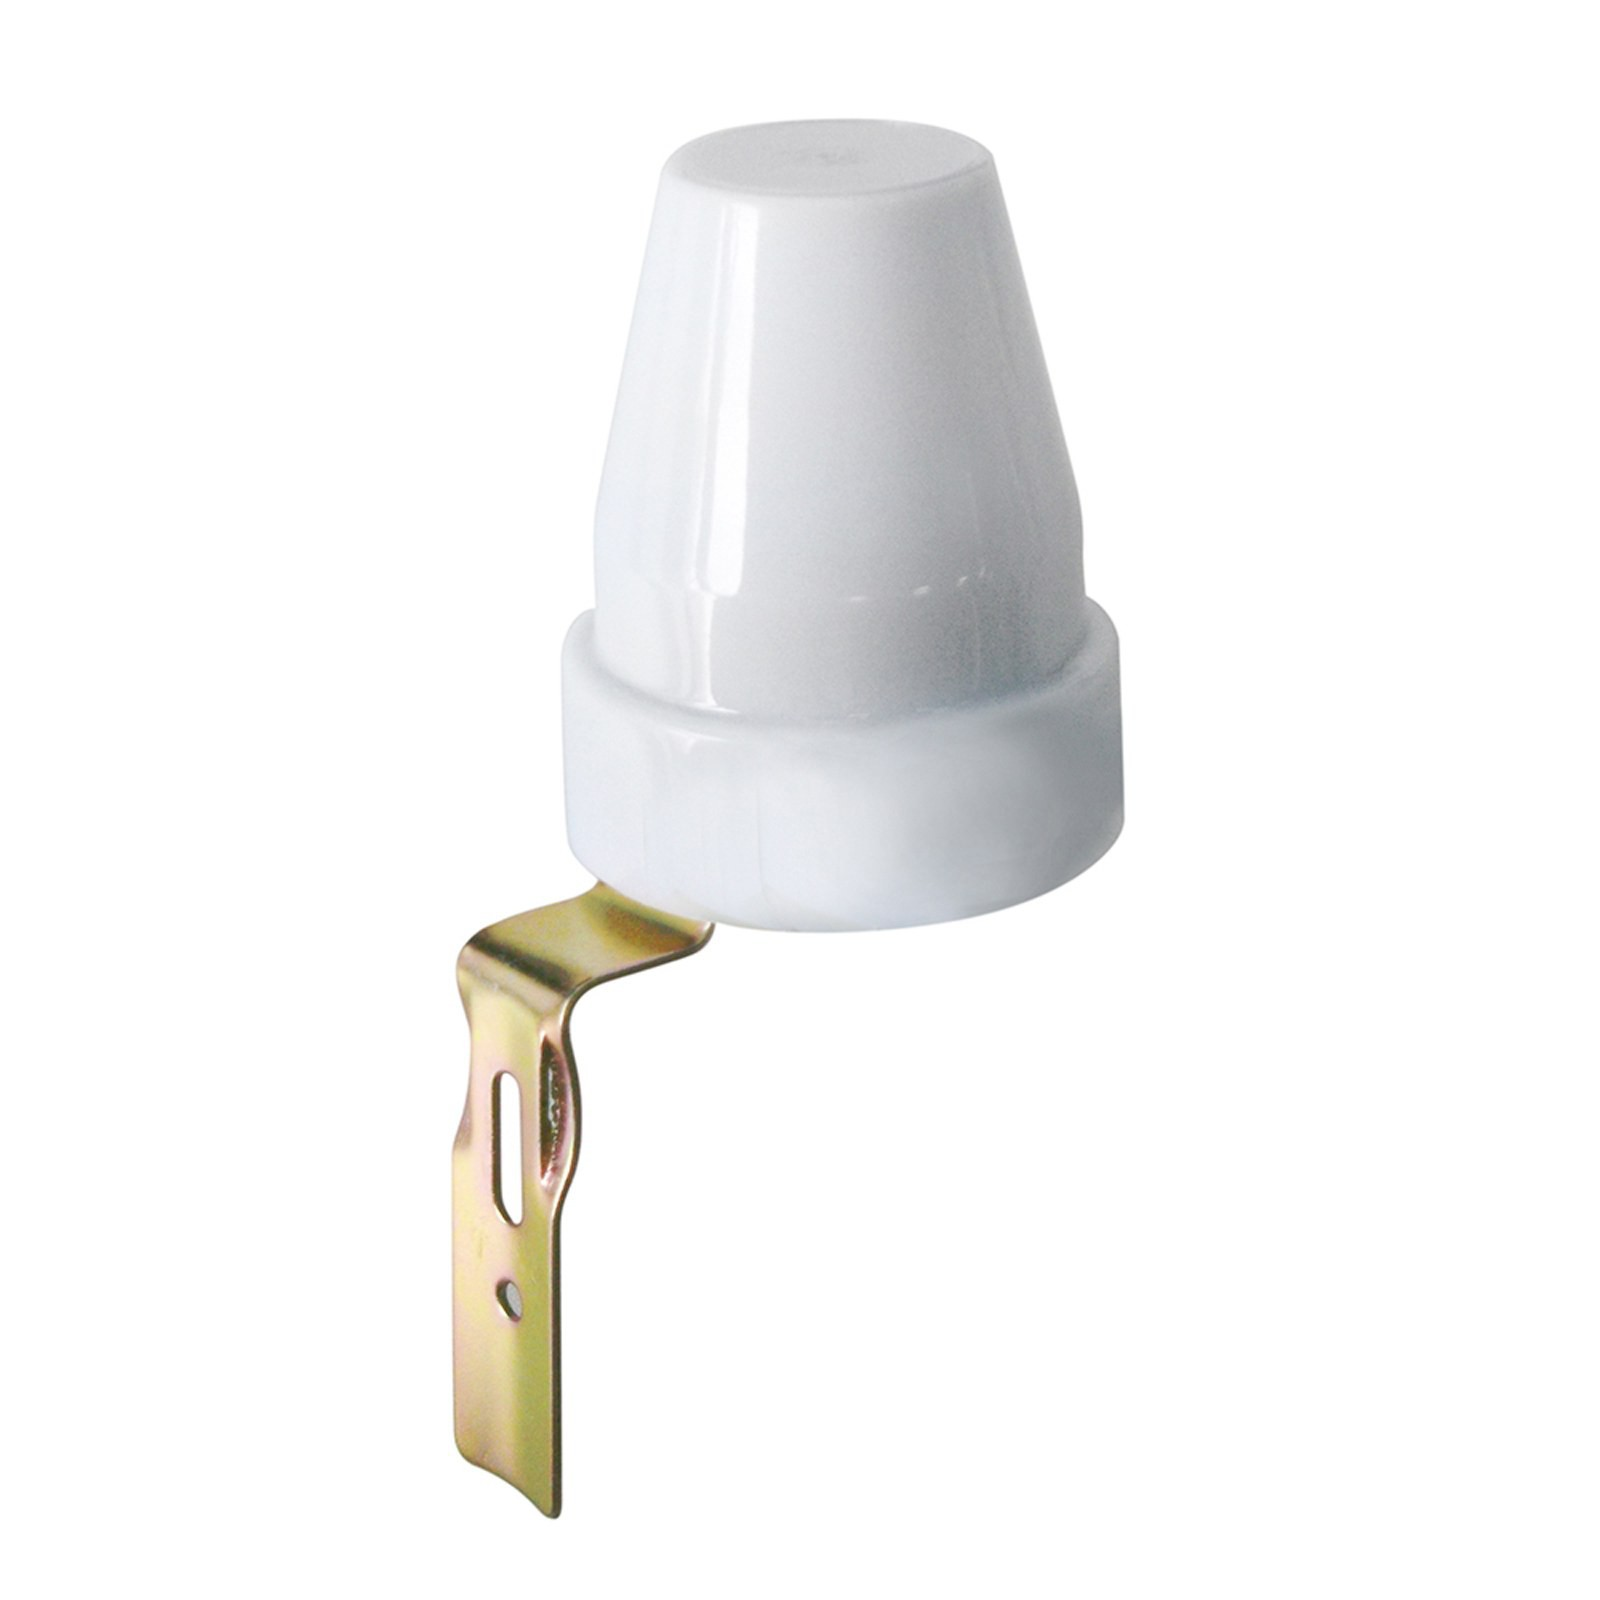 Interruttore Sensore Crepuscolare 10A 220V per Lampade Faro ...